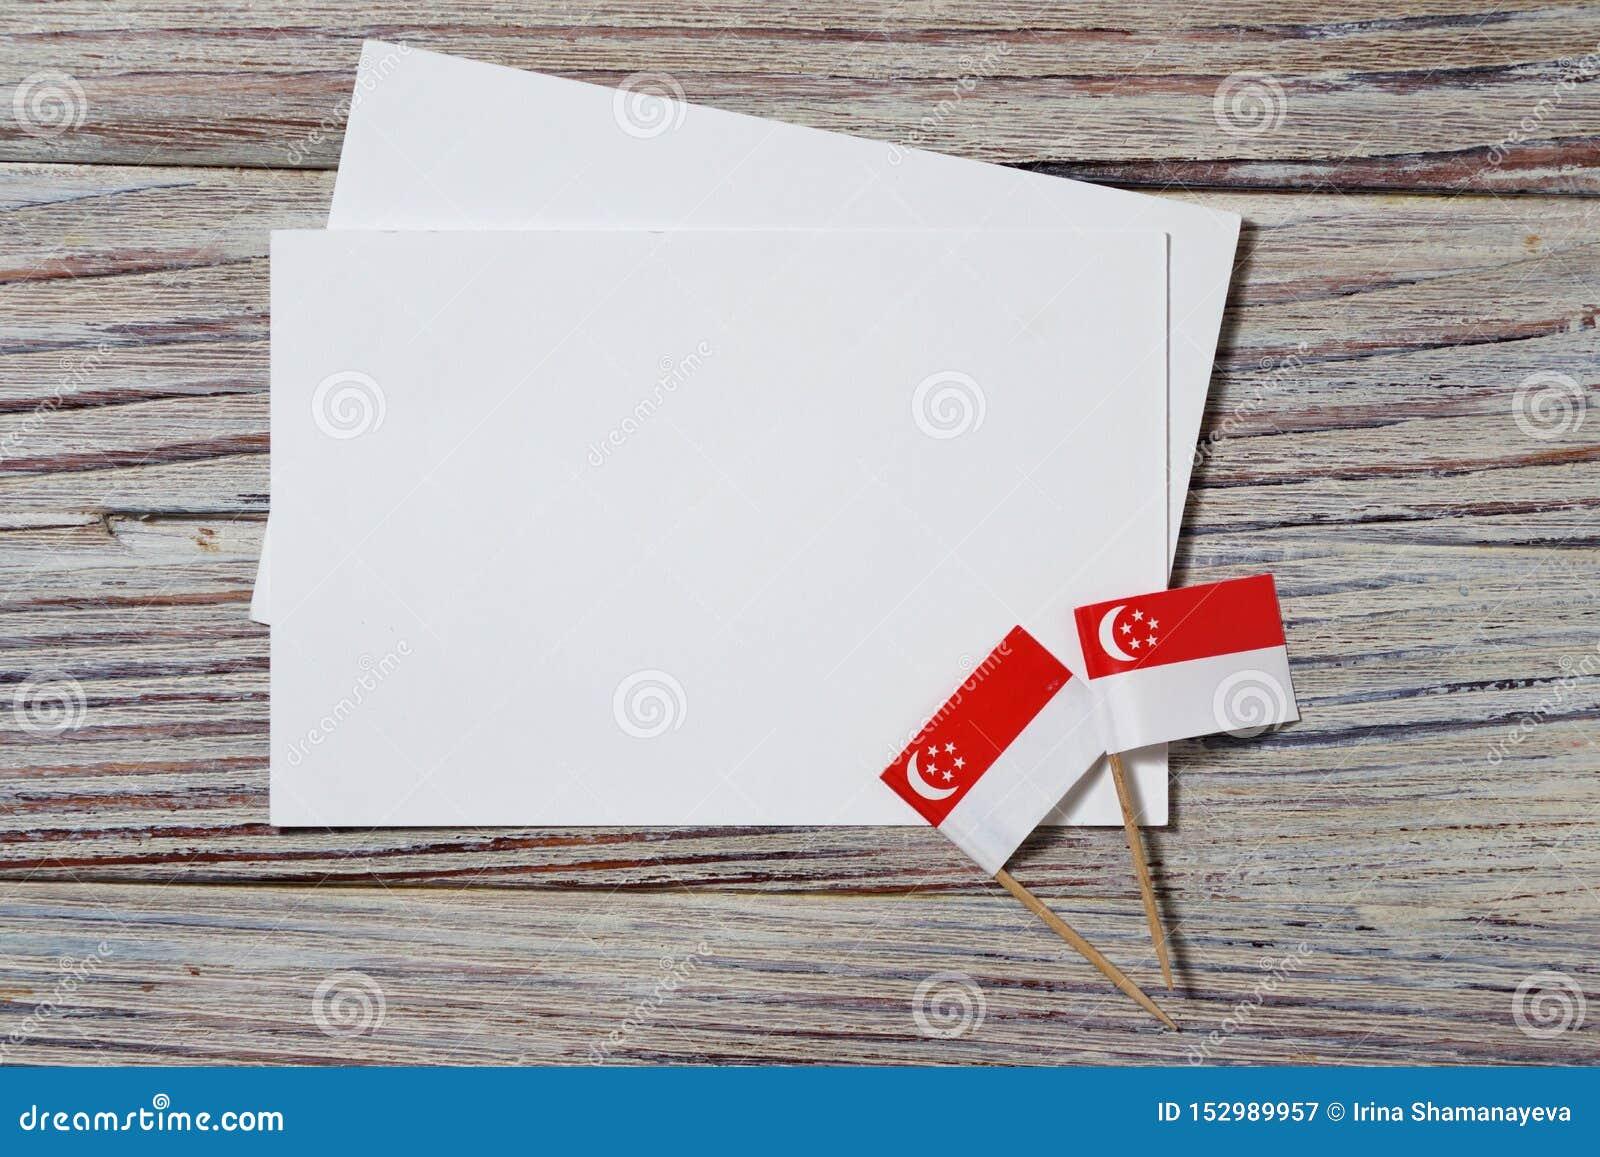 День независимости Сингапура 9-ое августа концепция свободы, независимости и патриотизма мини флаги с листами белой бумаги дальше